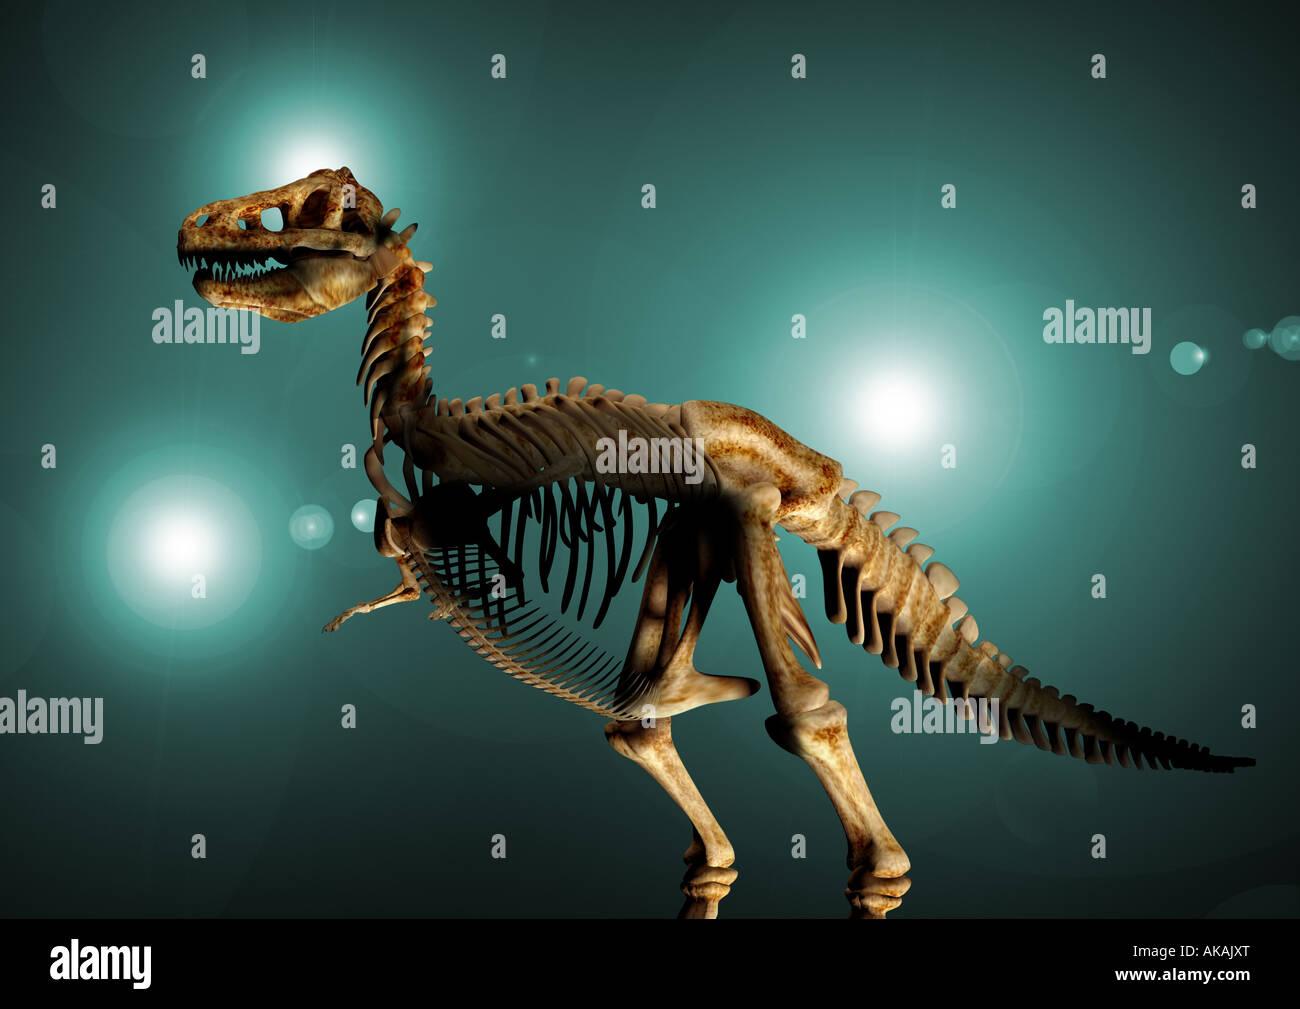 Squelette de dinosaure Dinosaurier Feststellung Banque D'Images